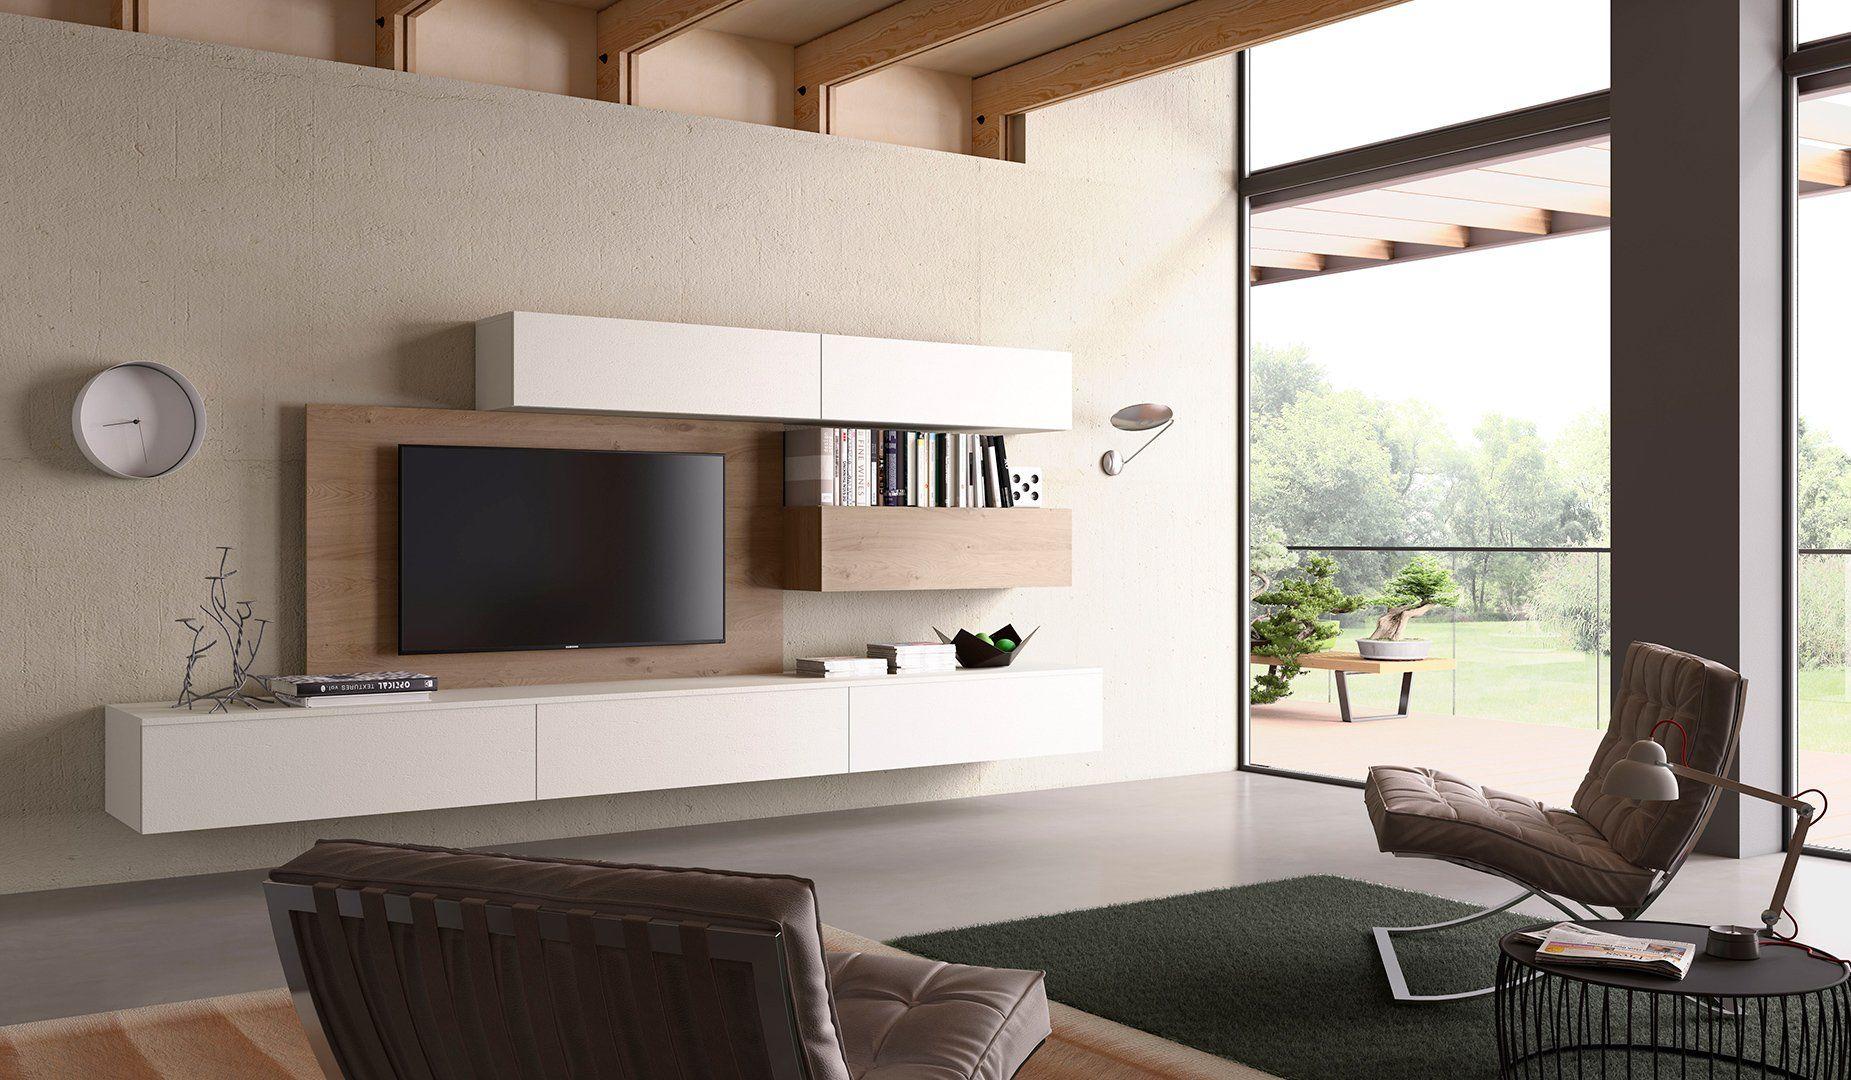 Mobili soggiorno modello bianca chateau d 39 ax casa idea for Idea casa mobili